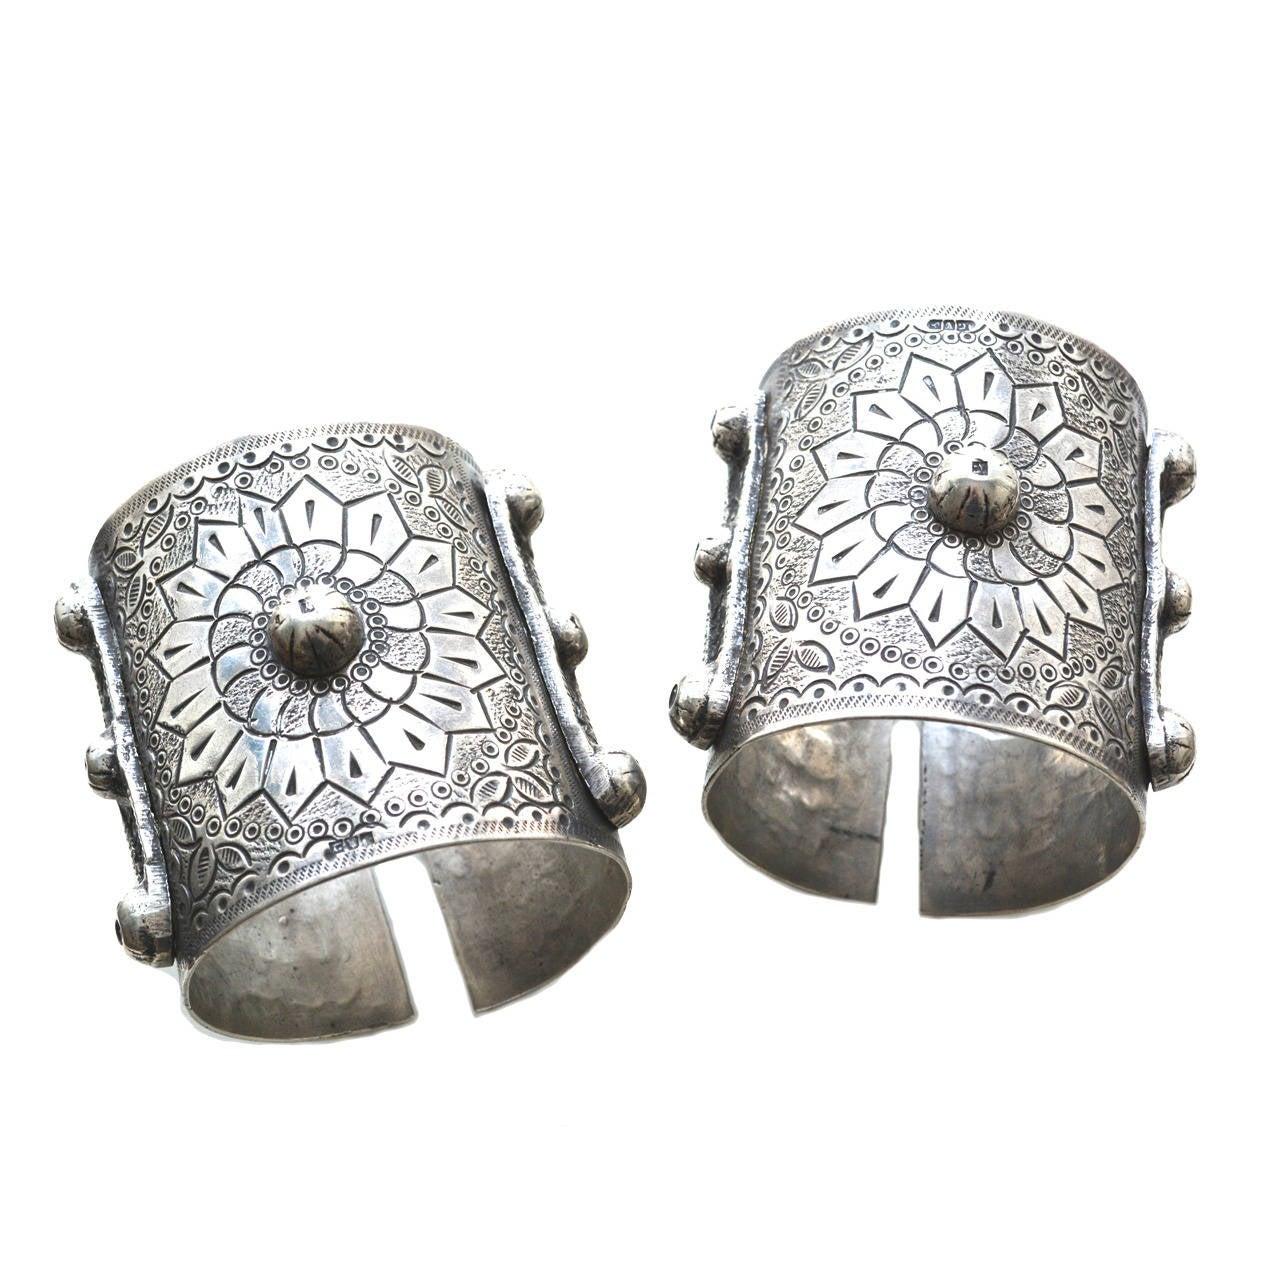 Egyptian 900 Silver Cuffs / Bedouin Armor Bracelets / Siwa Oasis For Sale